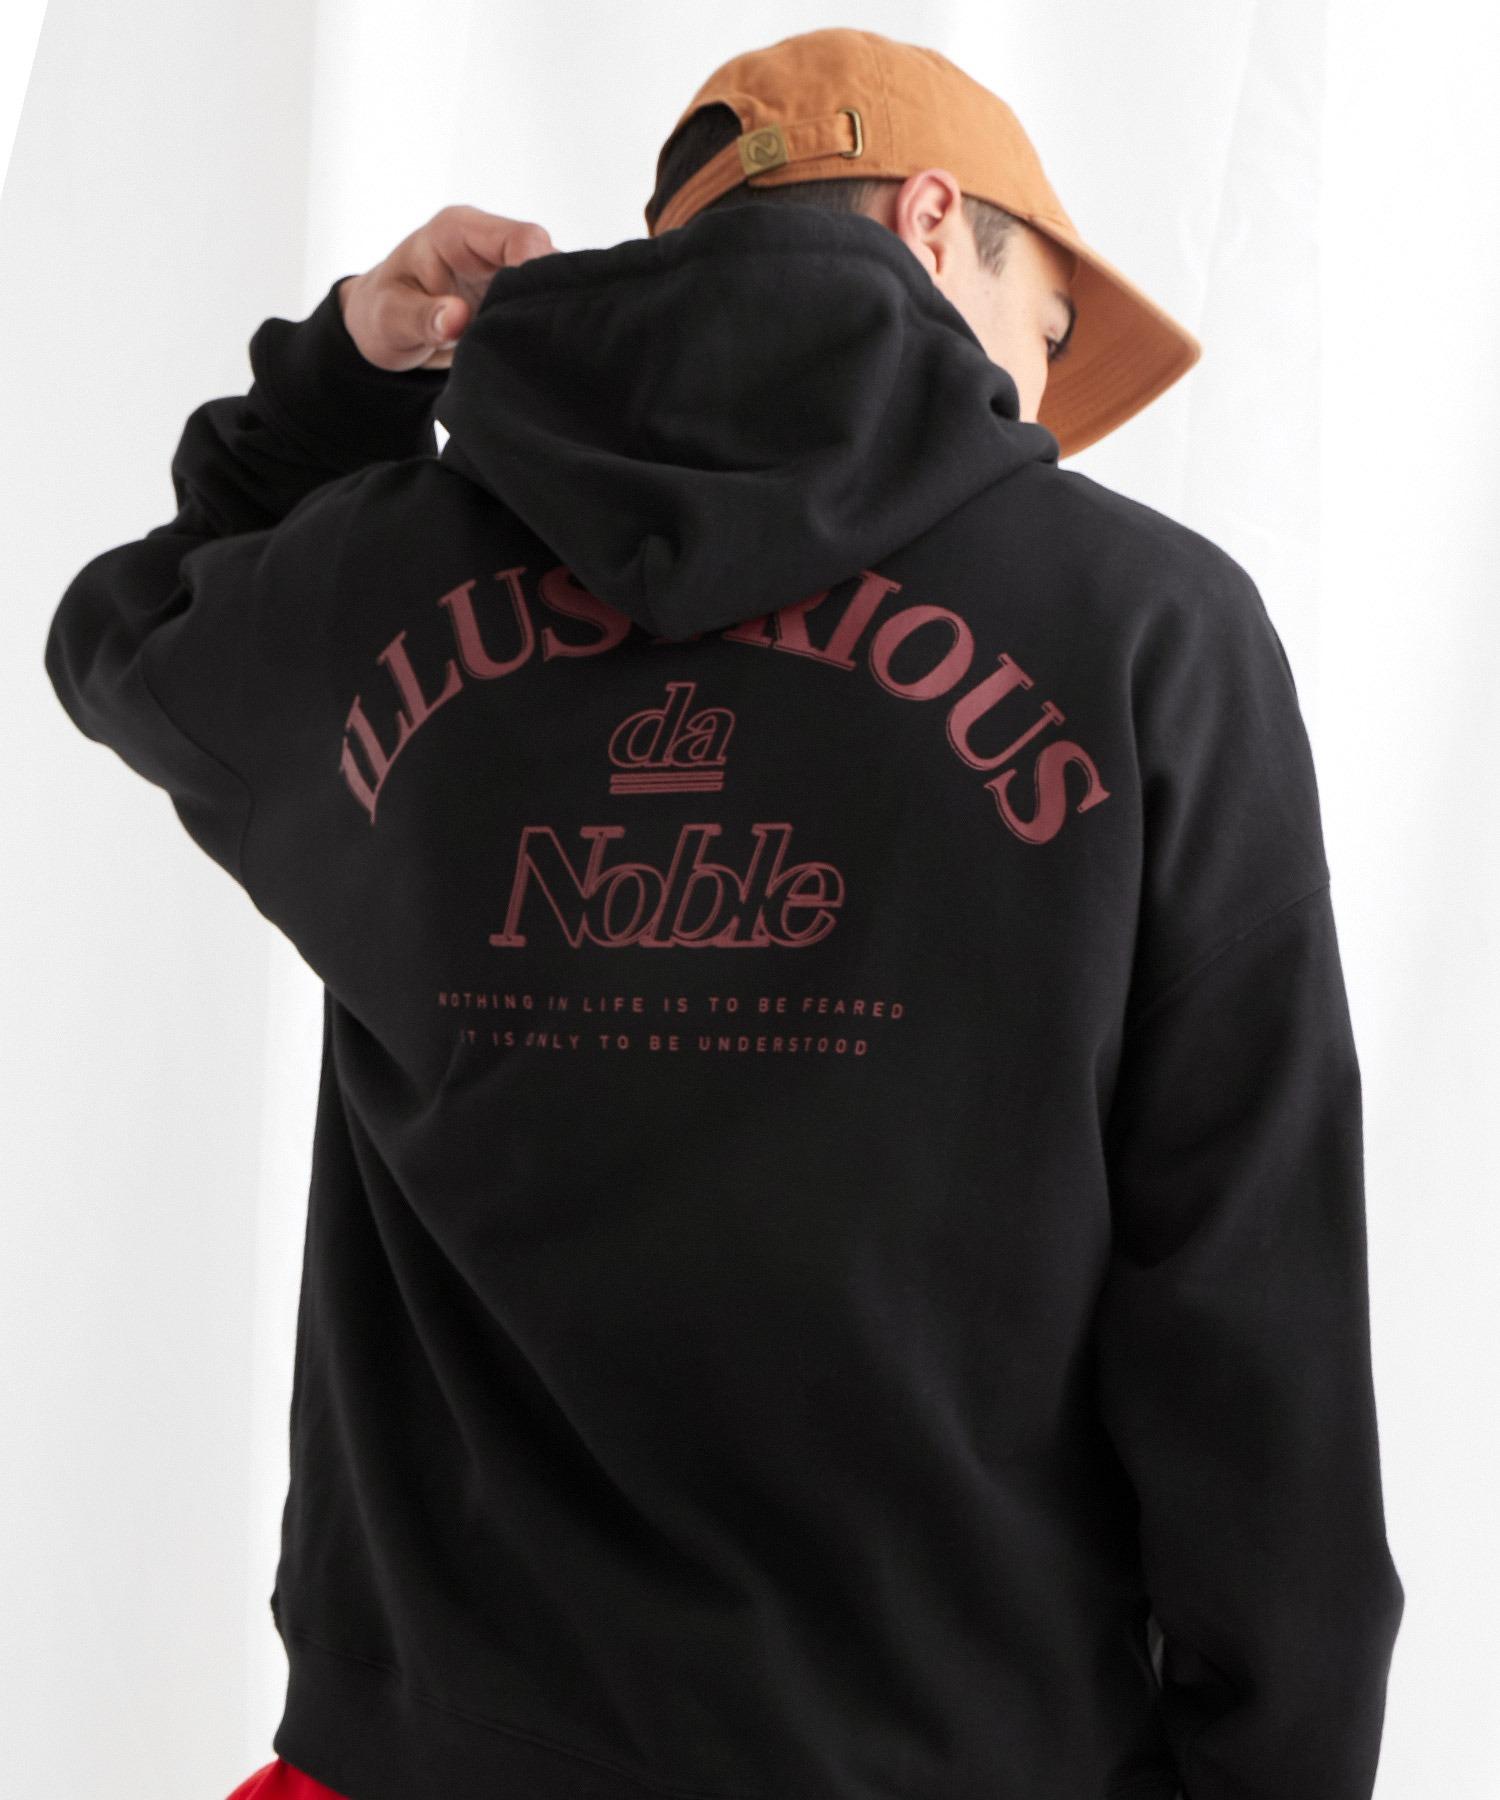 ビッグシルエット 裏毛 バックロゴデザインプルオーバーパーカー/ILLUSTRIOUS da Noble-2021SPRING(EMMA CLOTHES)